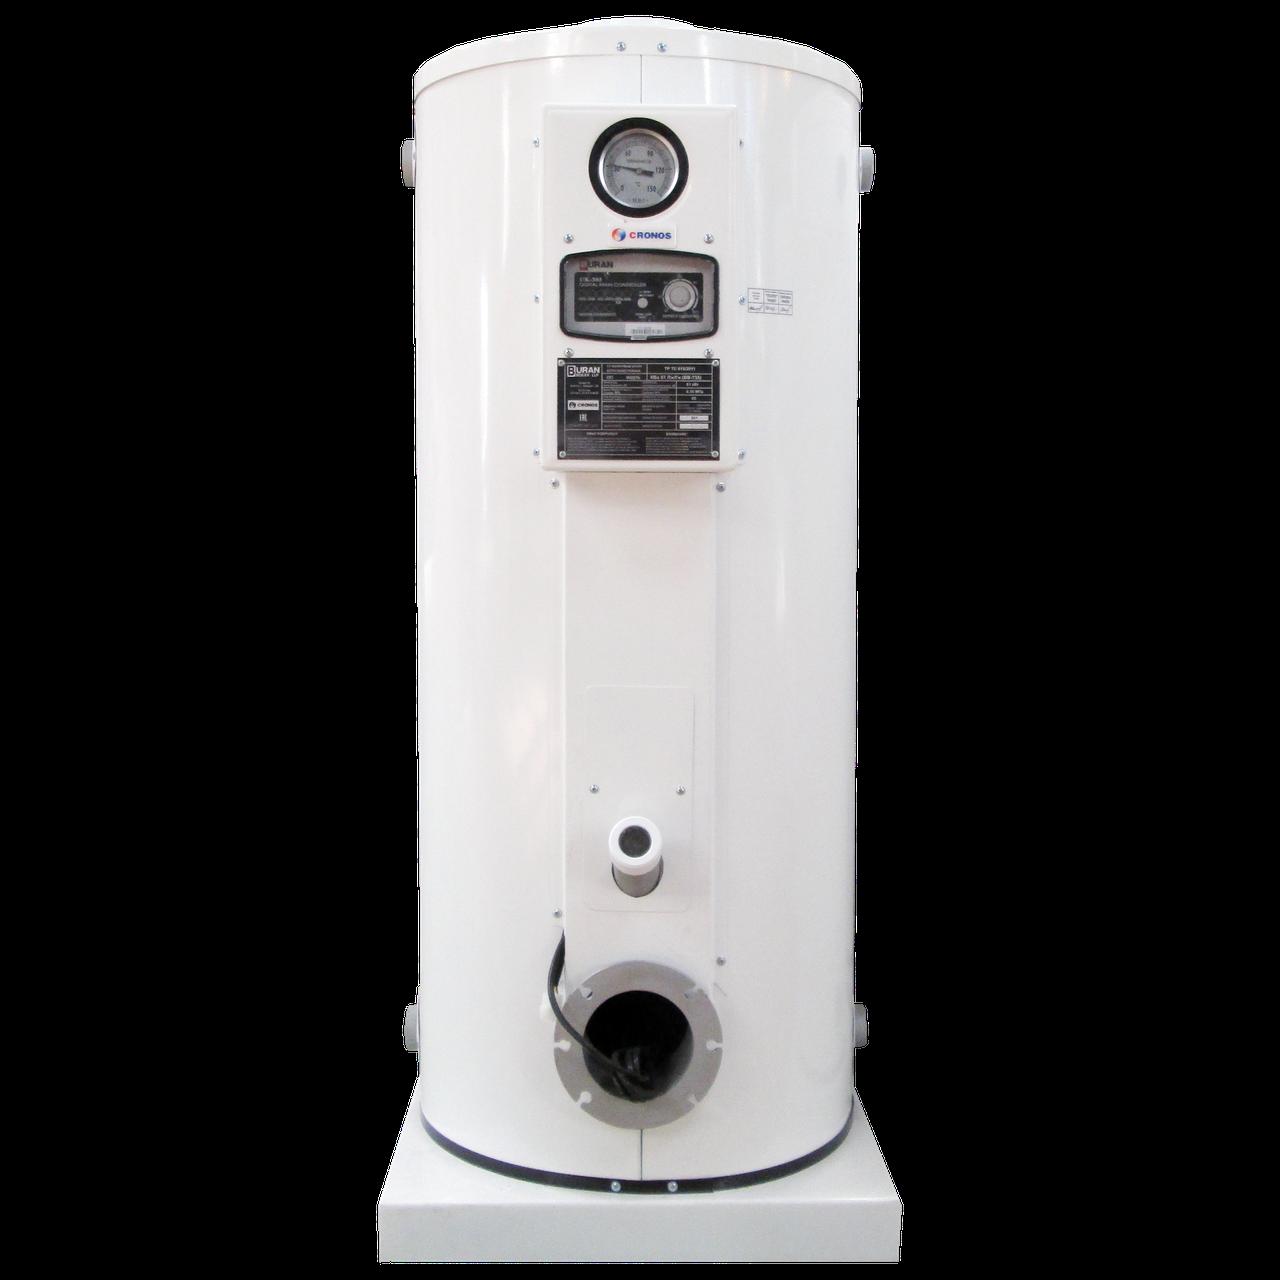 Котёл газовый Cronos BB-735 (81кВт) для отопления и ГВС